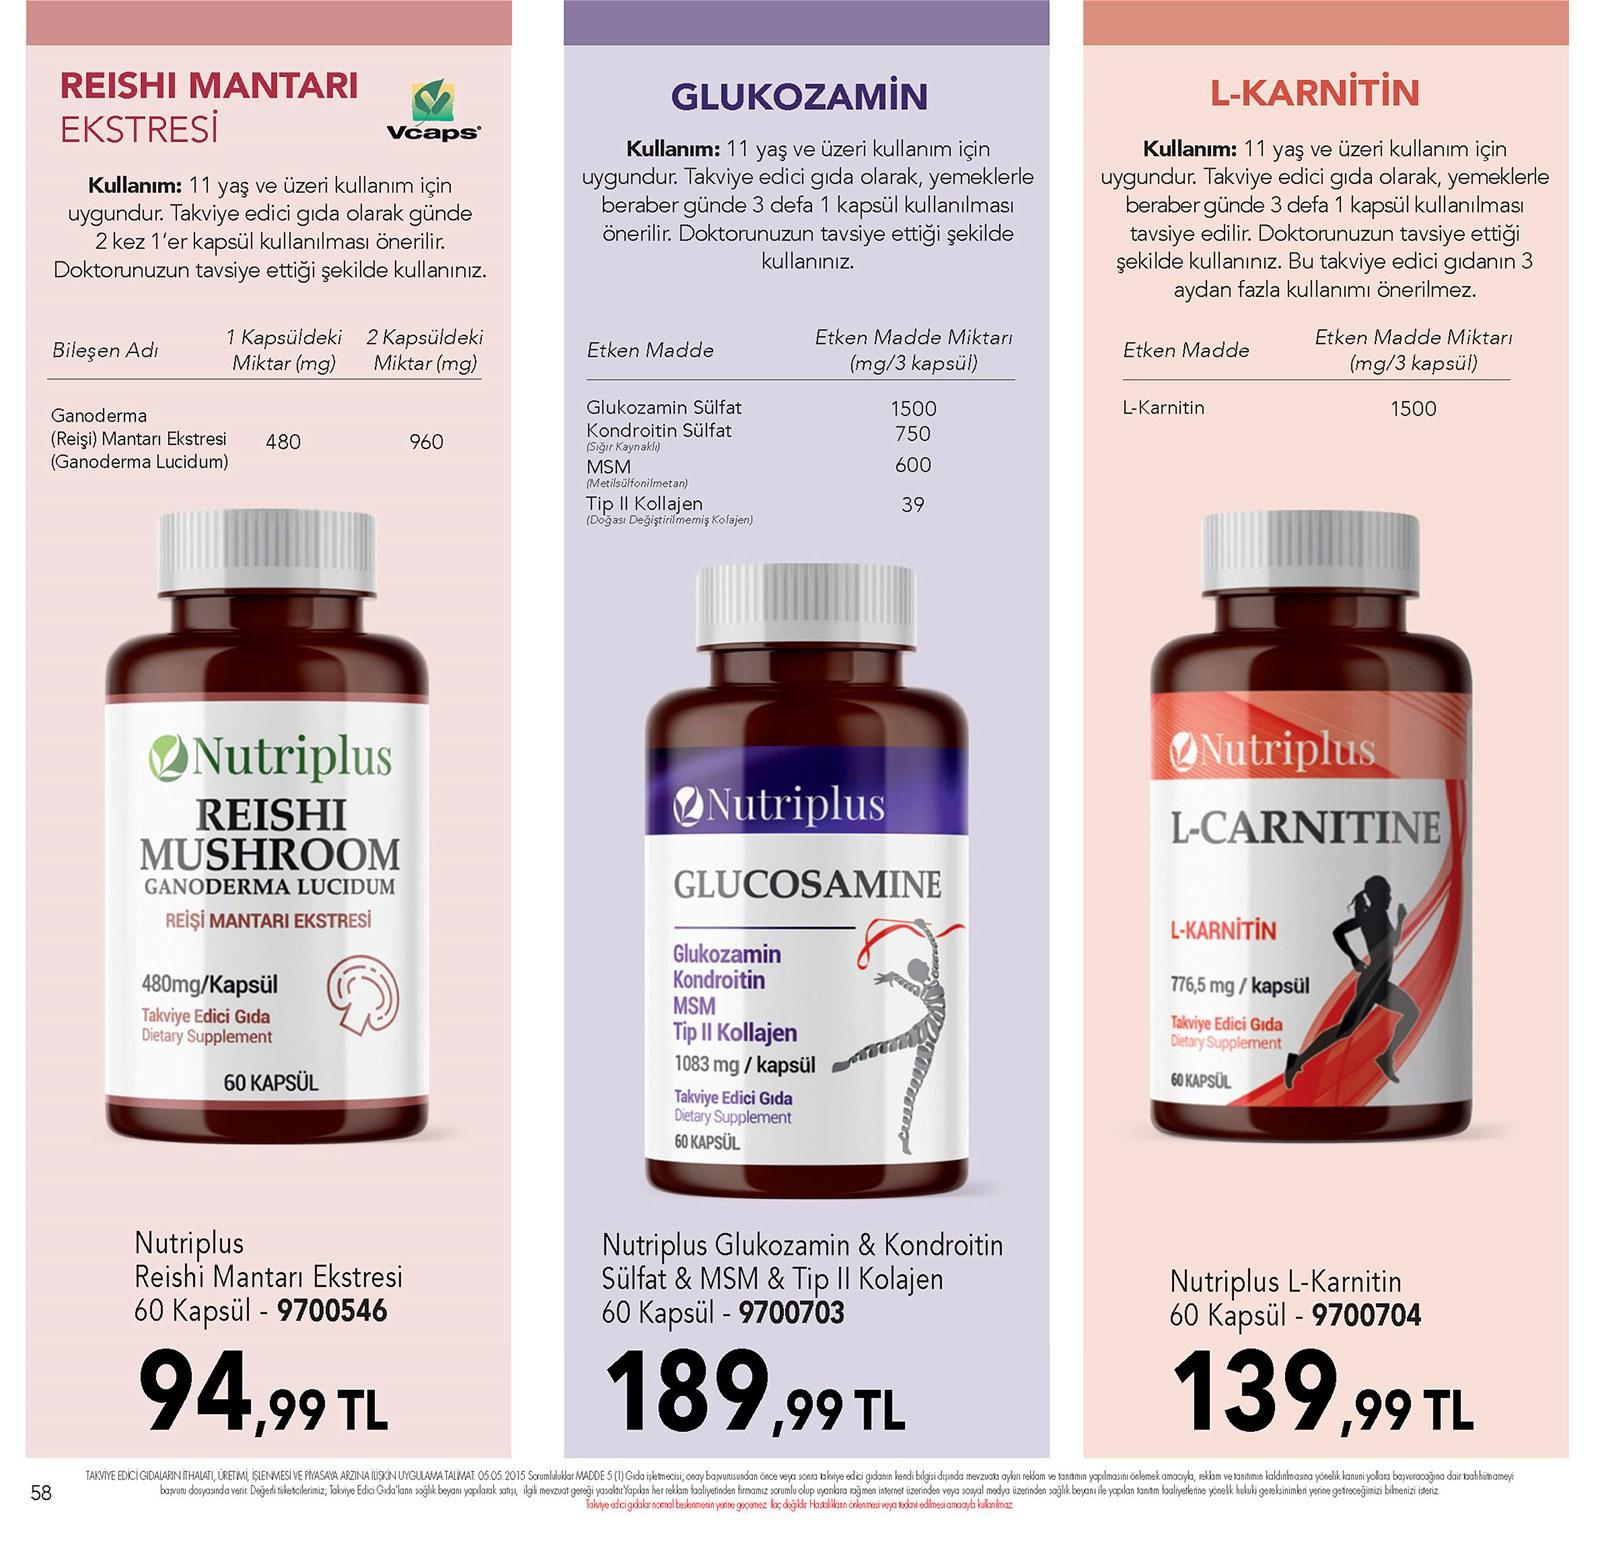 01.10.2021 Farmasi broşürü 57. sayfa